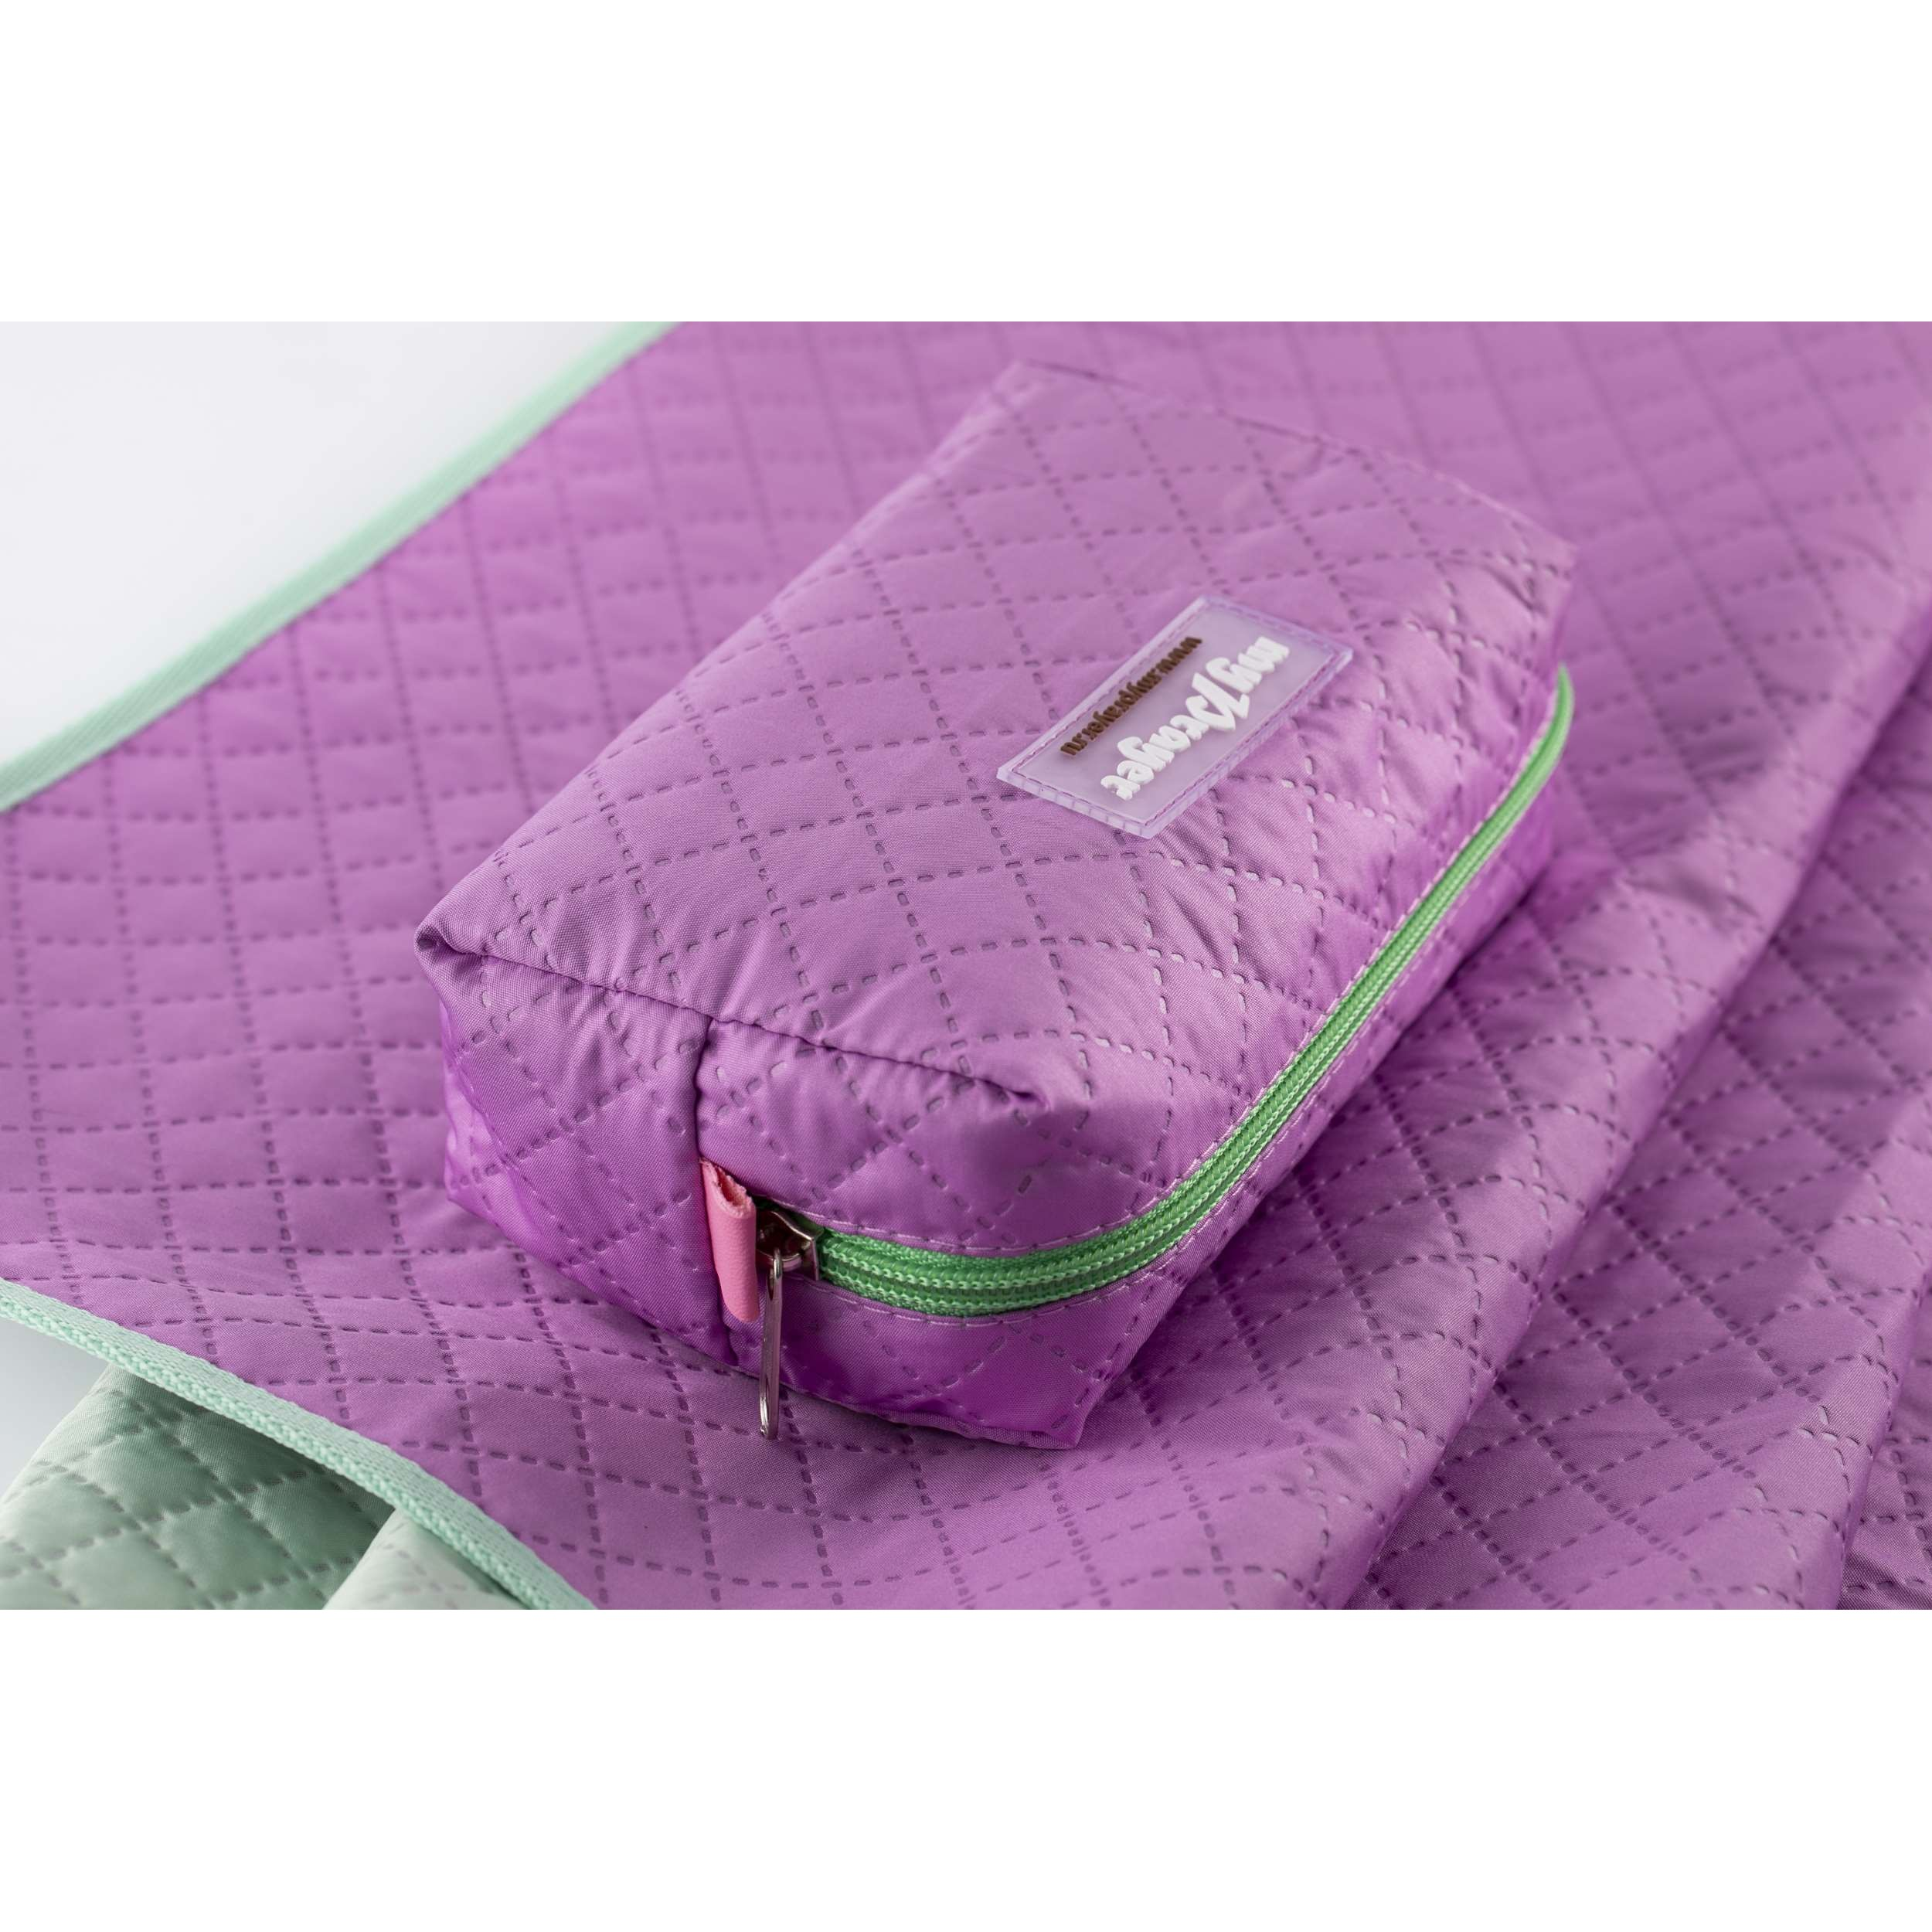 Коврик трехслойный  женский в сумочке.  Размер 110*60